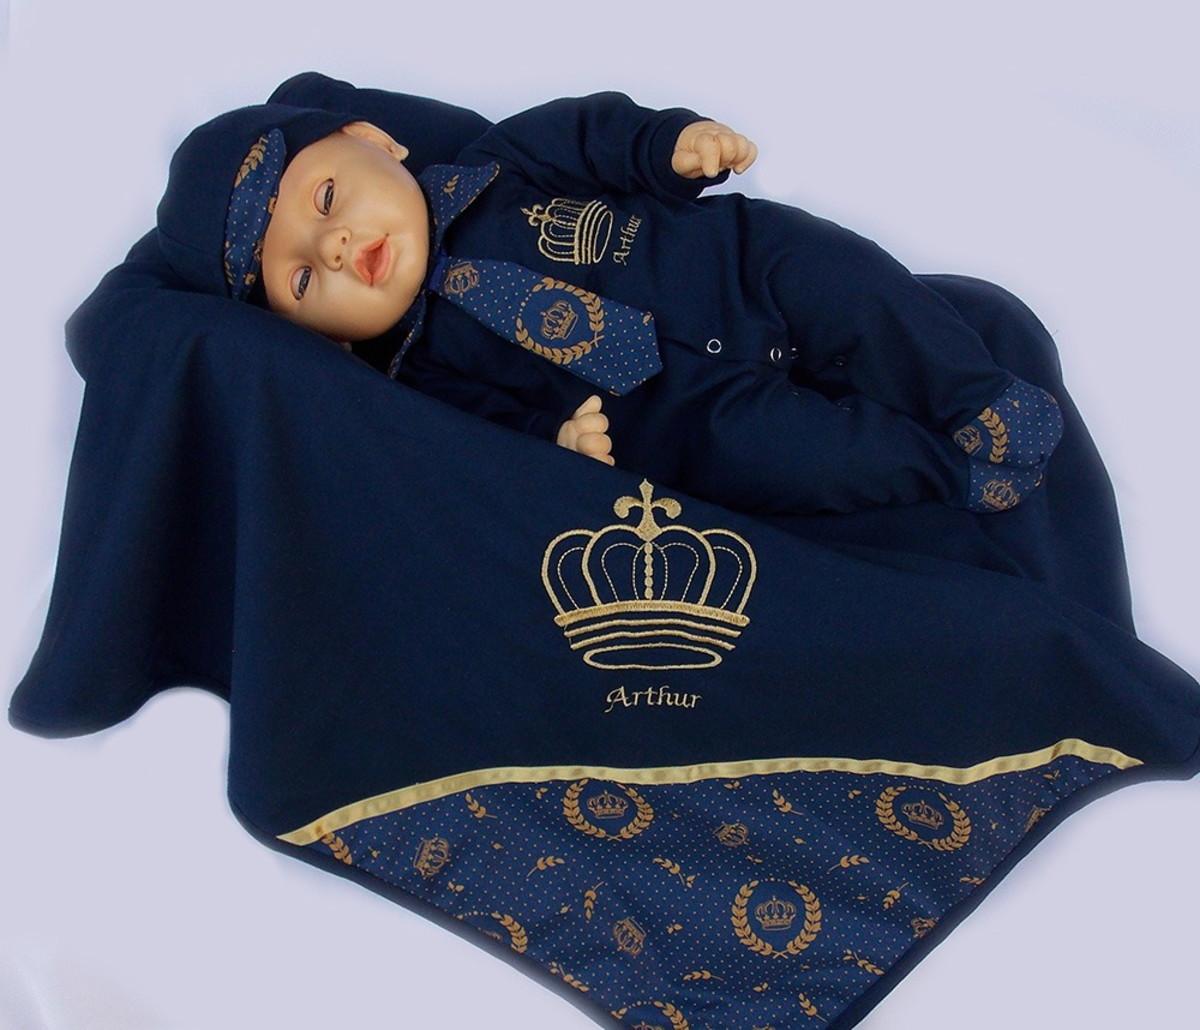 Kit Saída Maternidade Menino Príncipe Personalizado no Elo7 ... b70a076b5fa